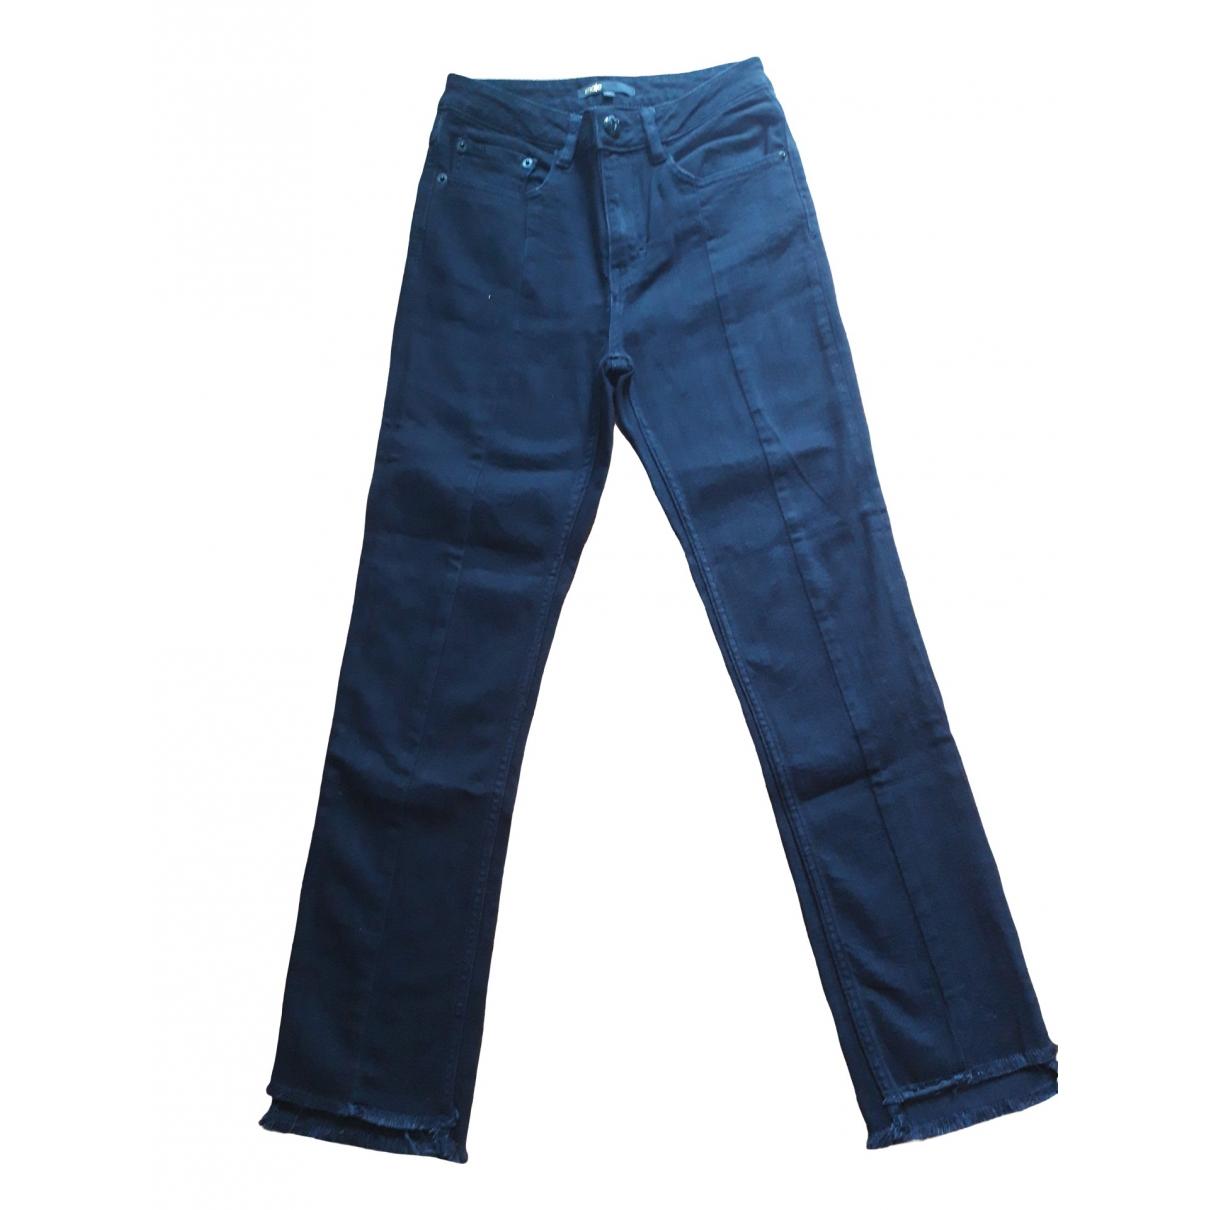 Maje Fall Winter 2019 Black Denim - Jeans Trousers for Women 34 FR